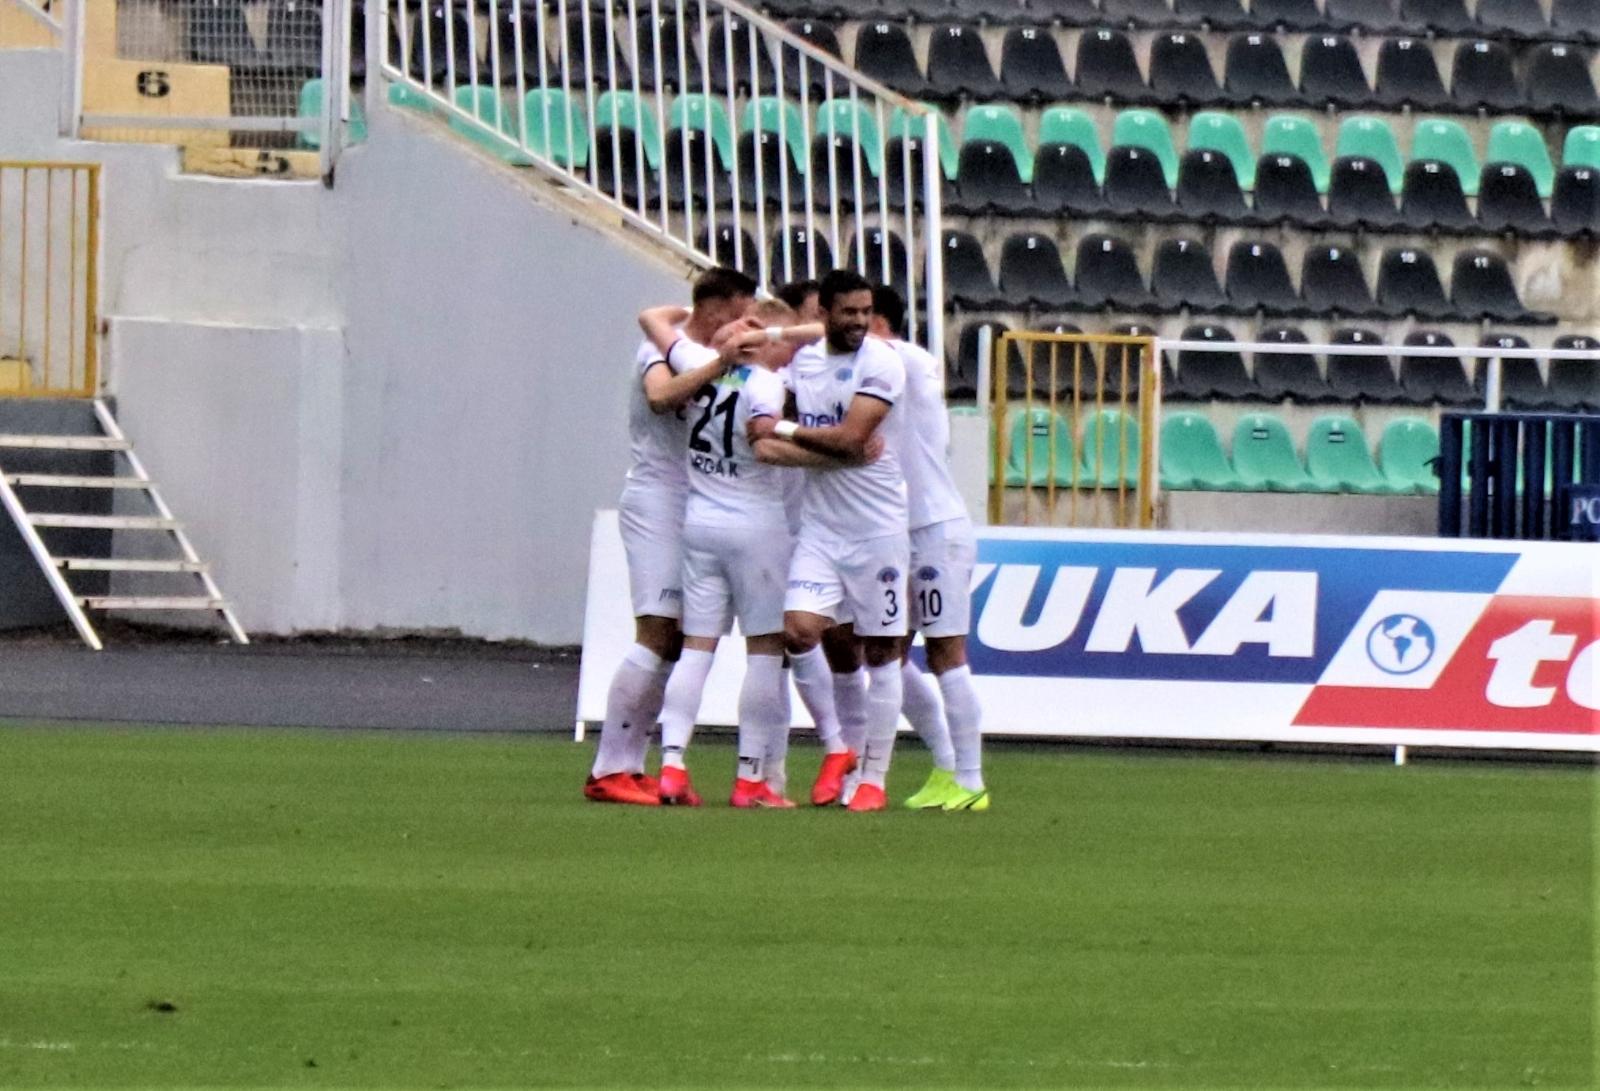 Süper Lig: Denizlispor: 1 - Kasımpaşa: 1 (Maç sonucu)